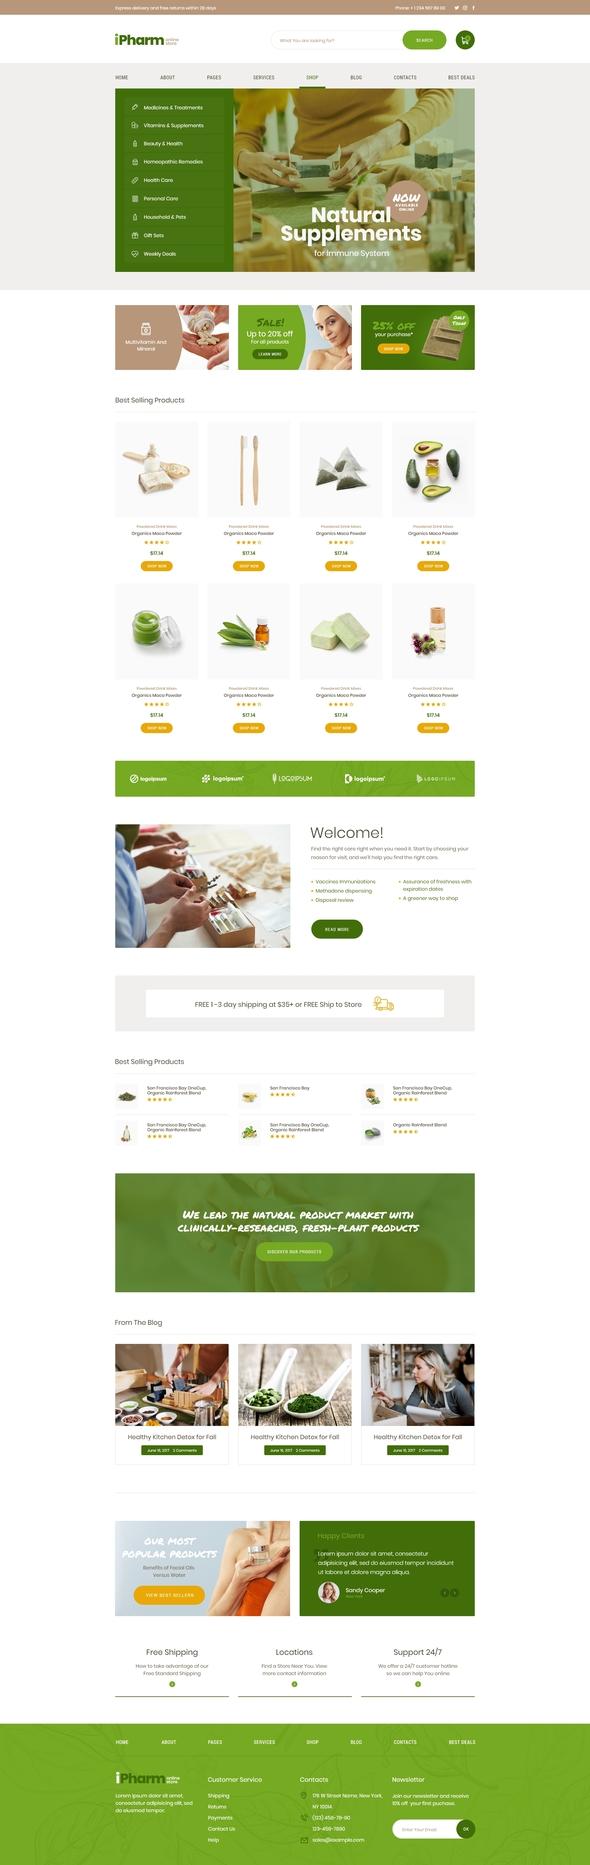 iPharm - Online Pharmacy Woocommerce Elementor Template Kit